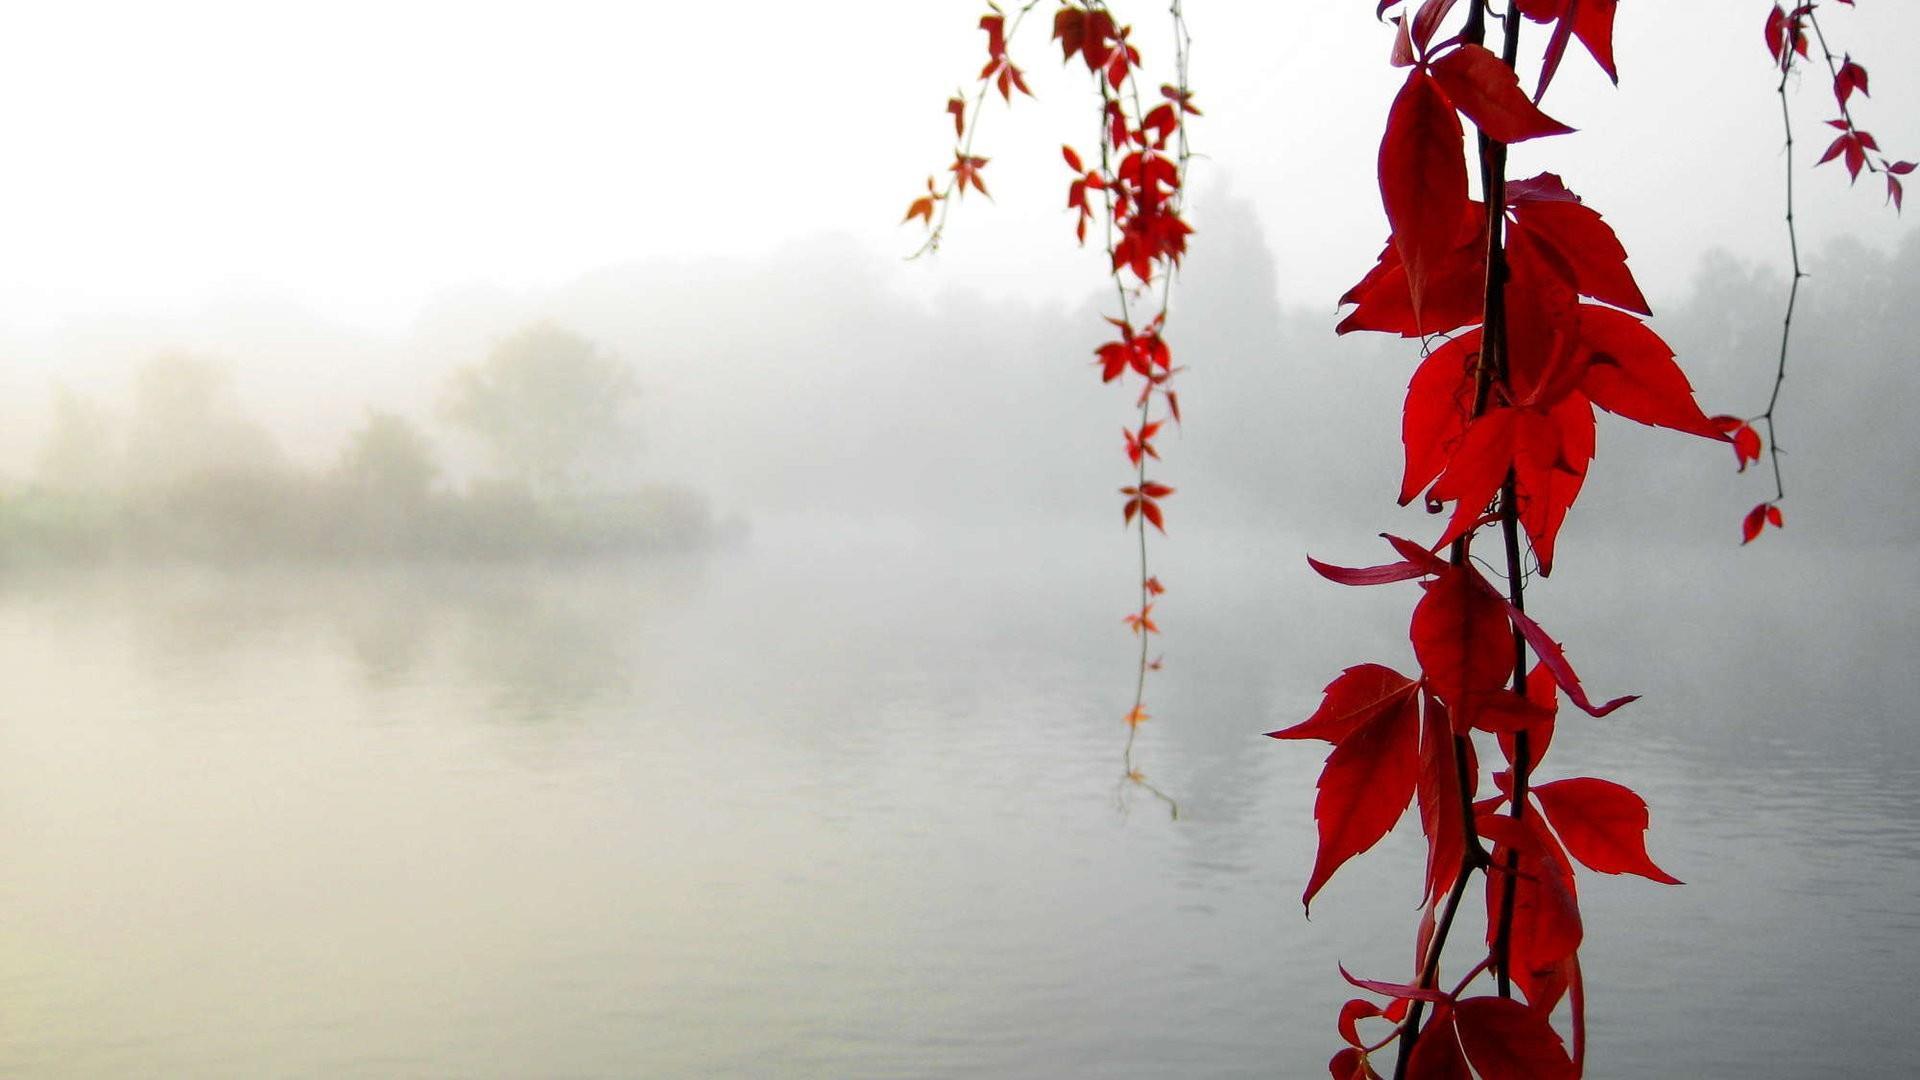 Хентай листья клёна 9 фотография